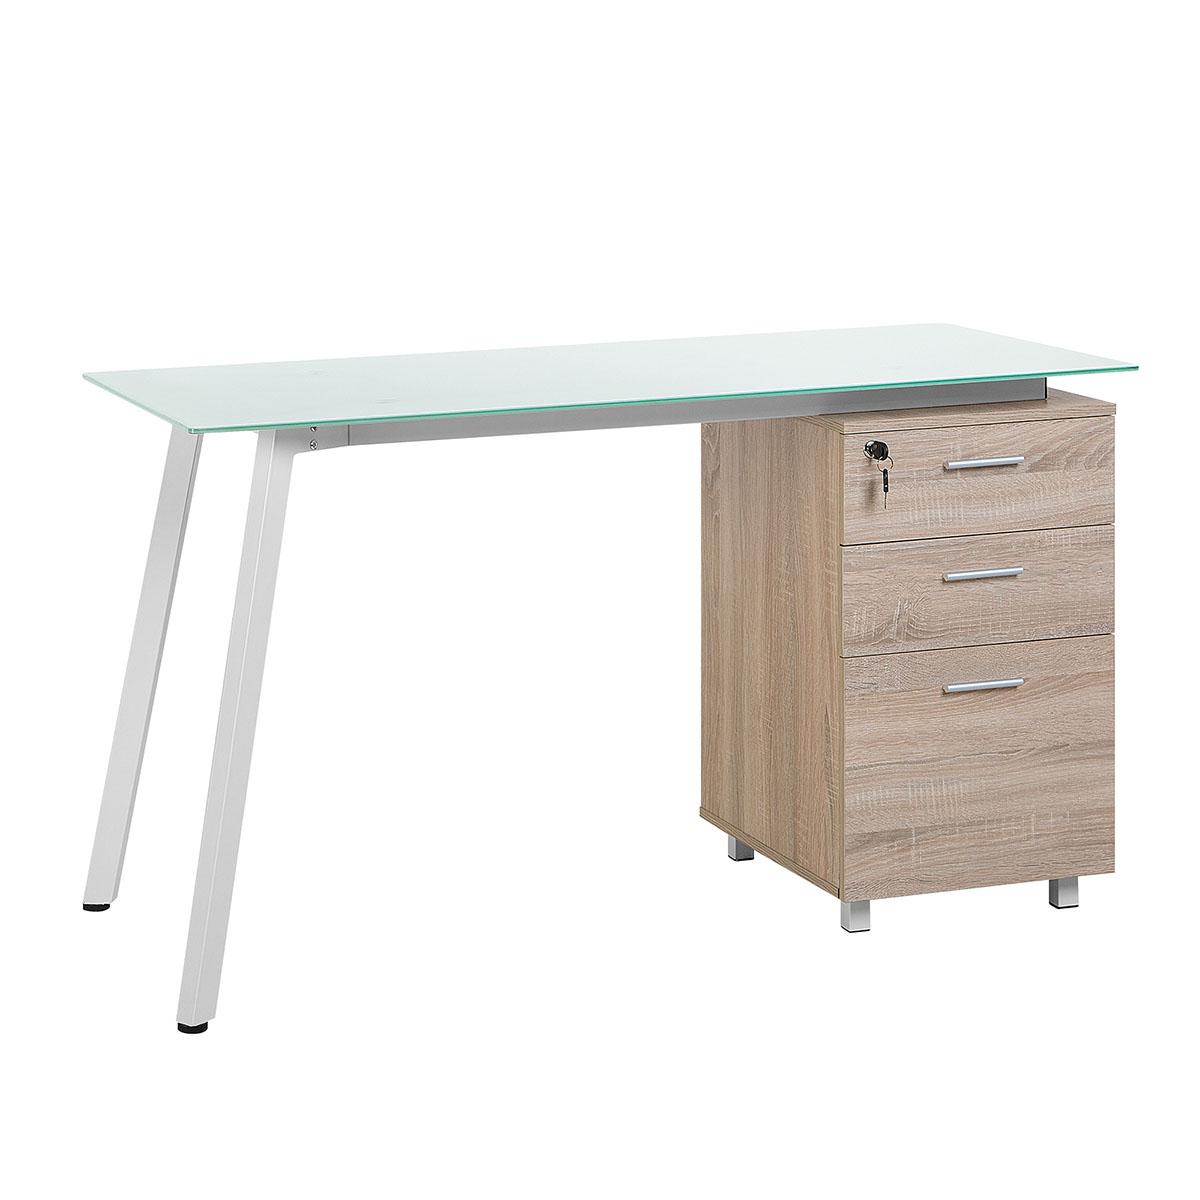 Biurko białe/jasne drewno 130 x 60 cm MONTEVIDEO